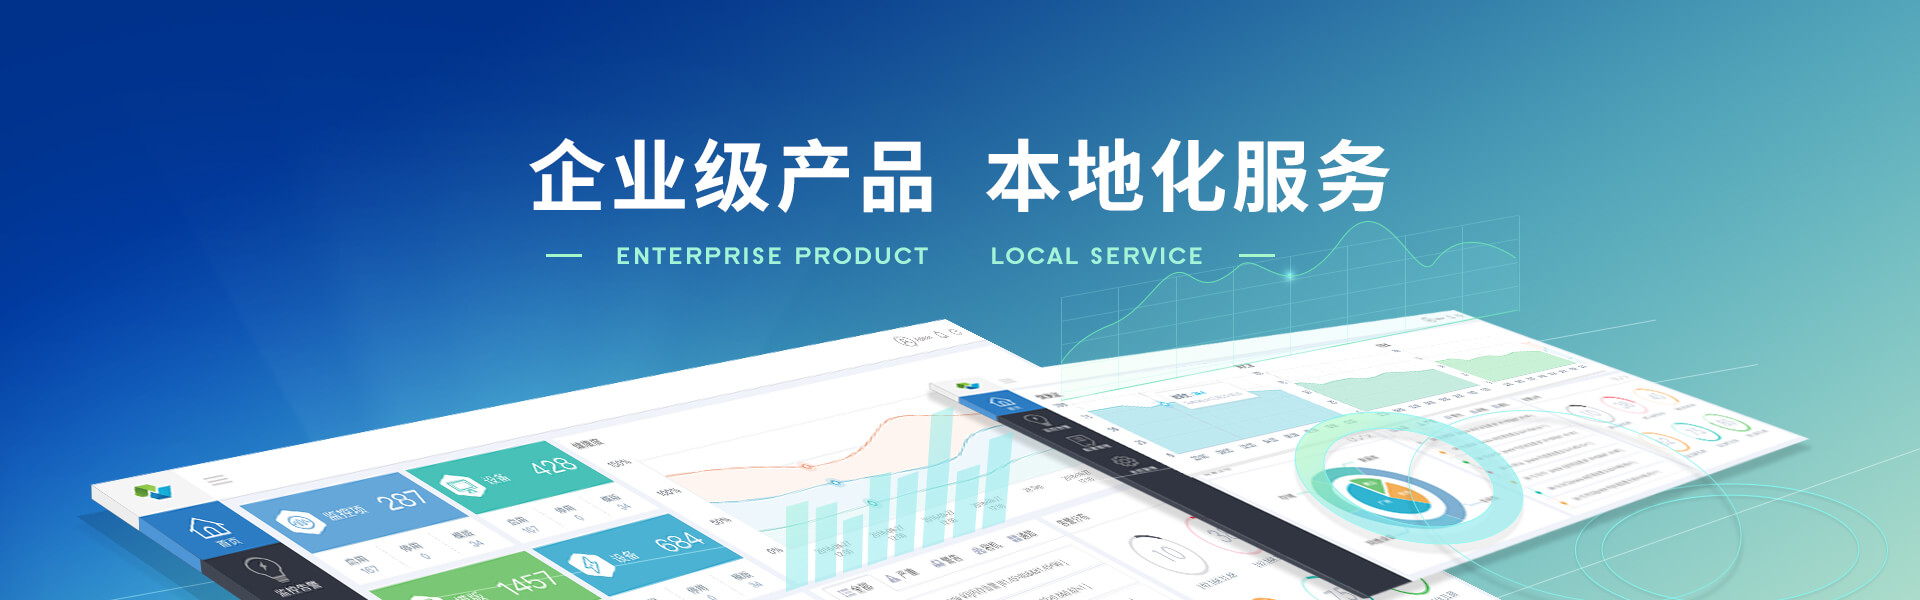 企业级产品、本地化服务